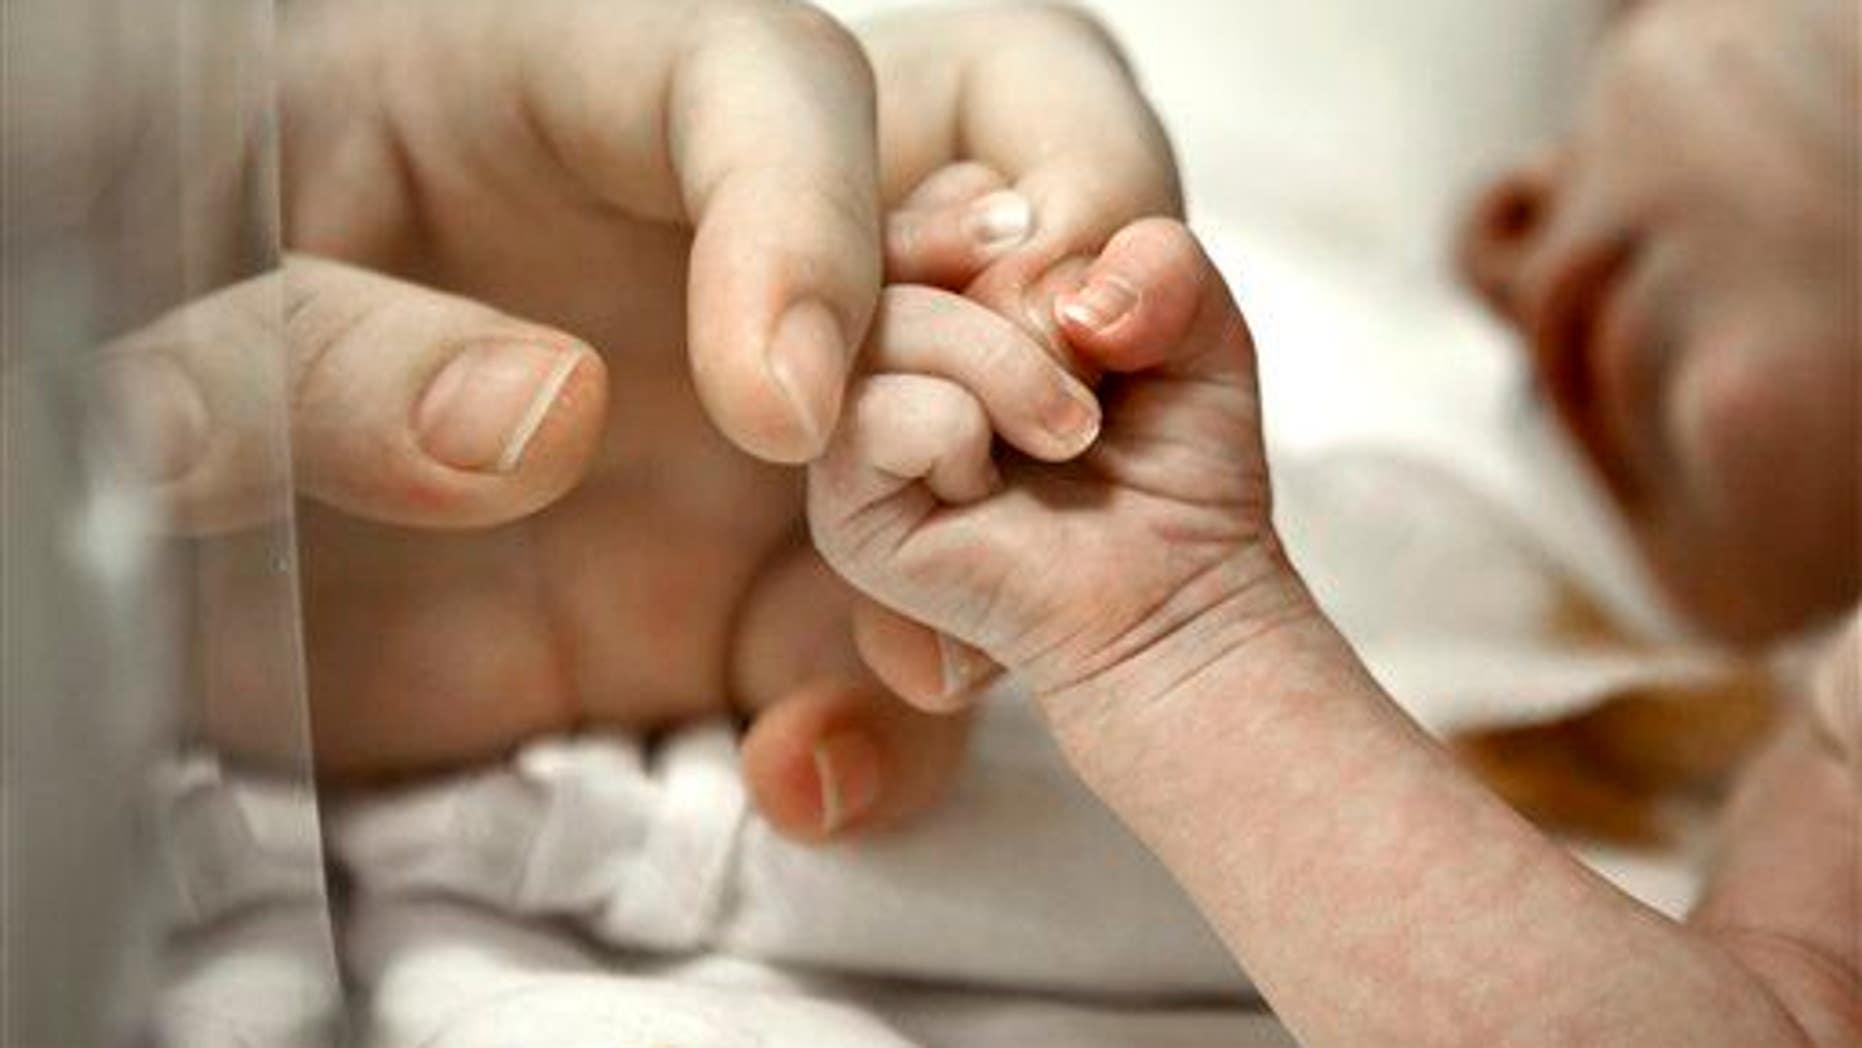 A stock photo of a newborn.